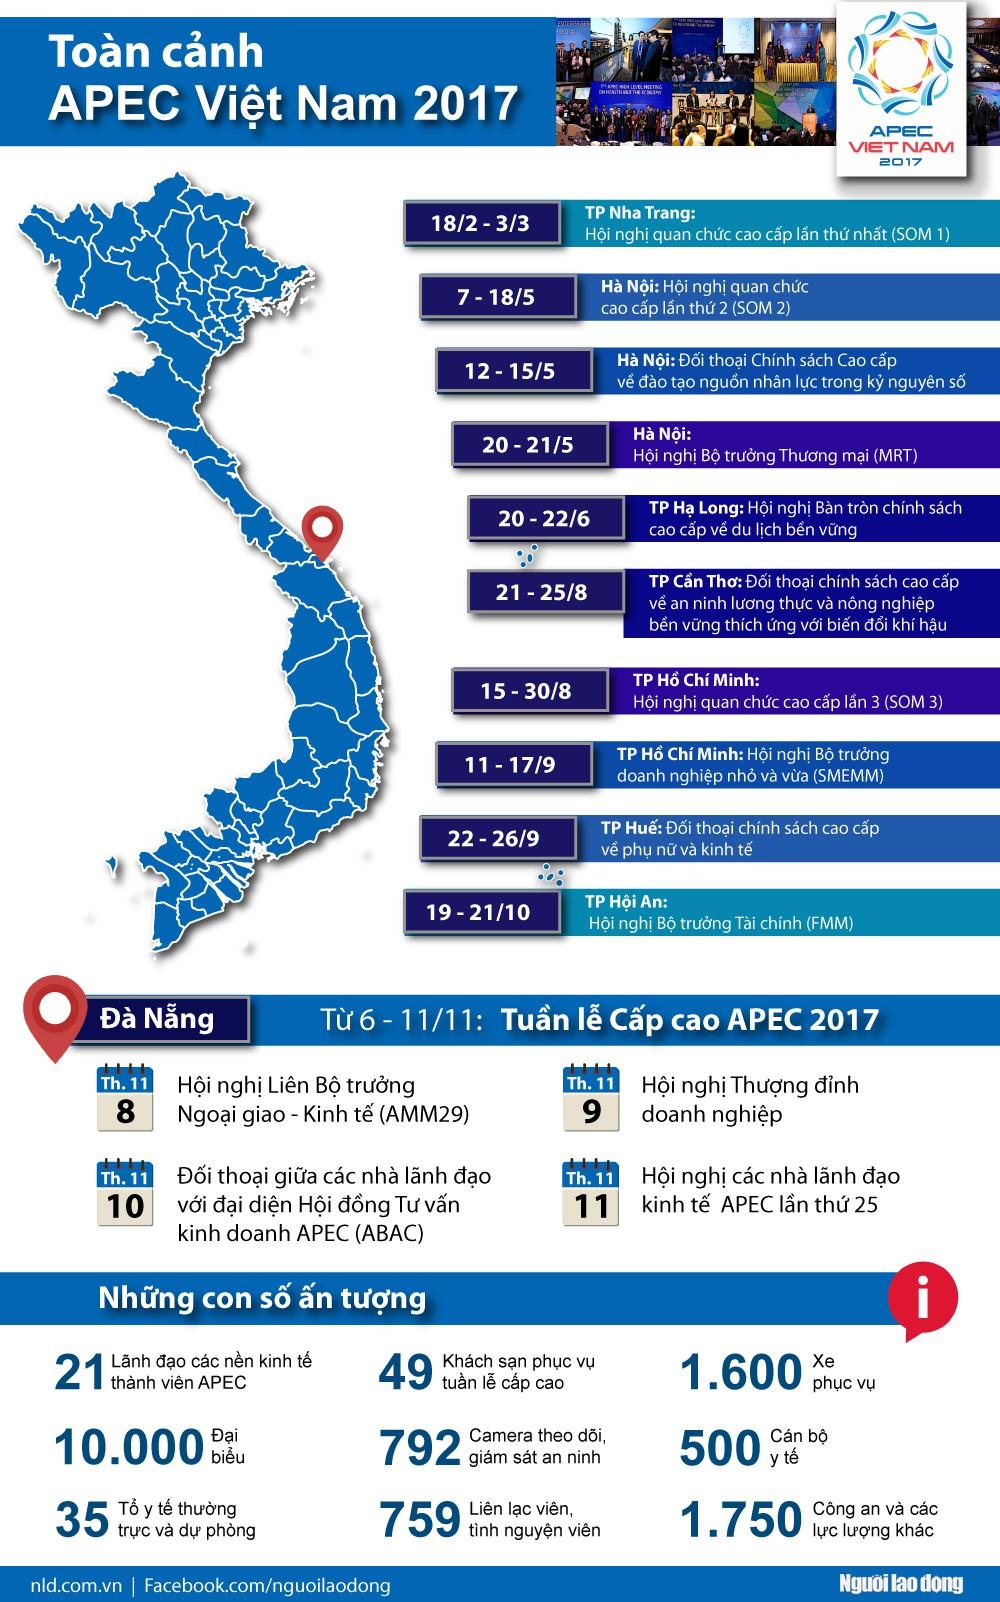 APEC 2017 và dấu ấn Việt Nam - Ảnh 1.